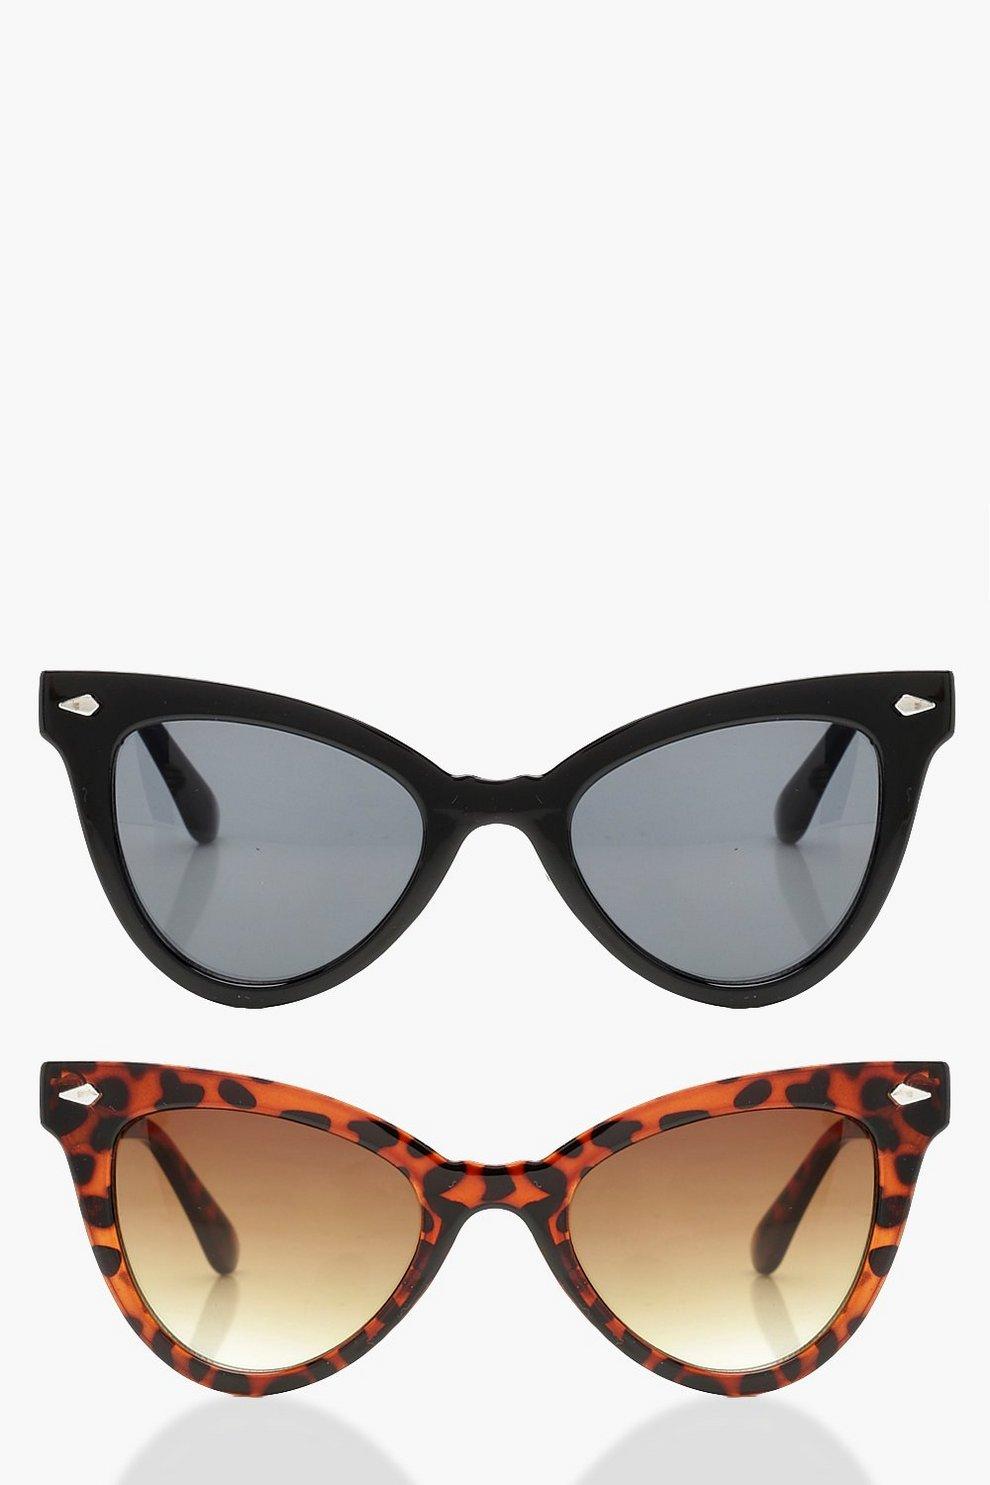 2bc1996f44f 2 Pack Classic Cat Eye Sunglasses